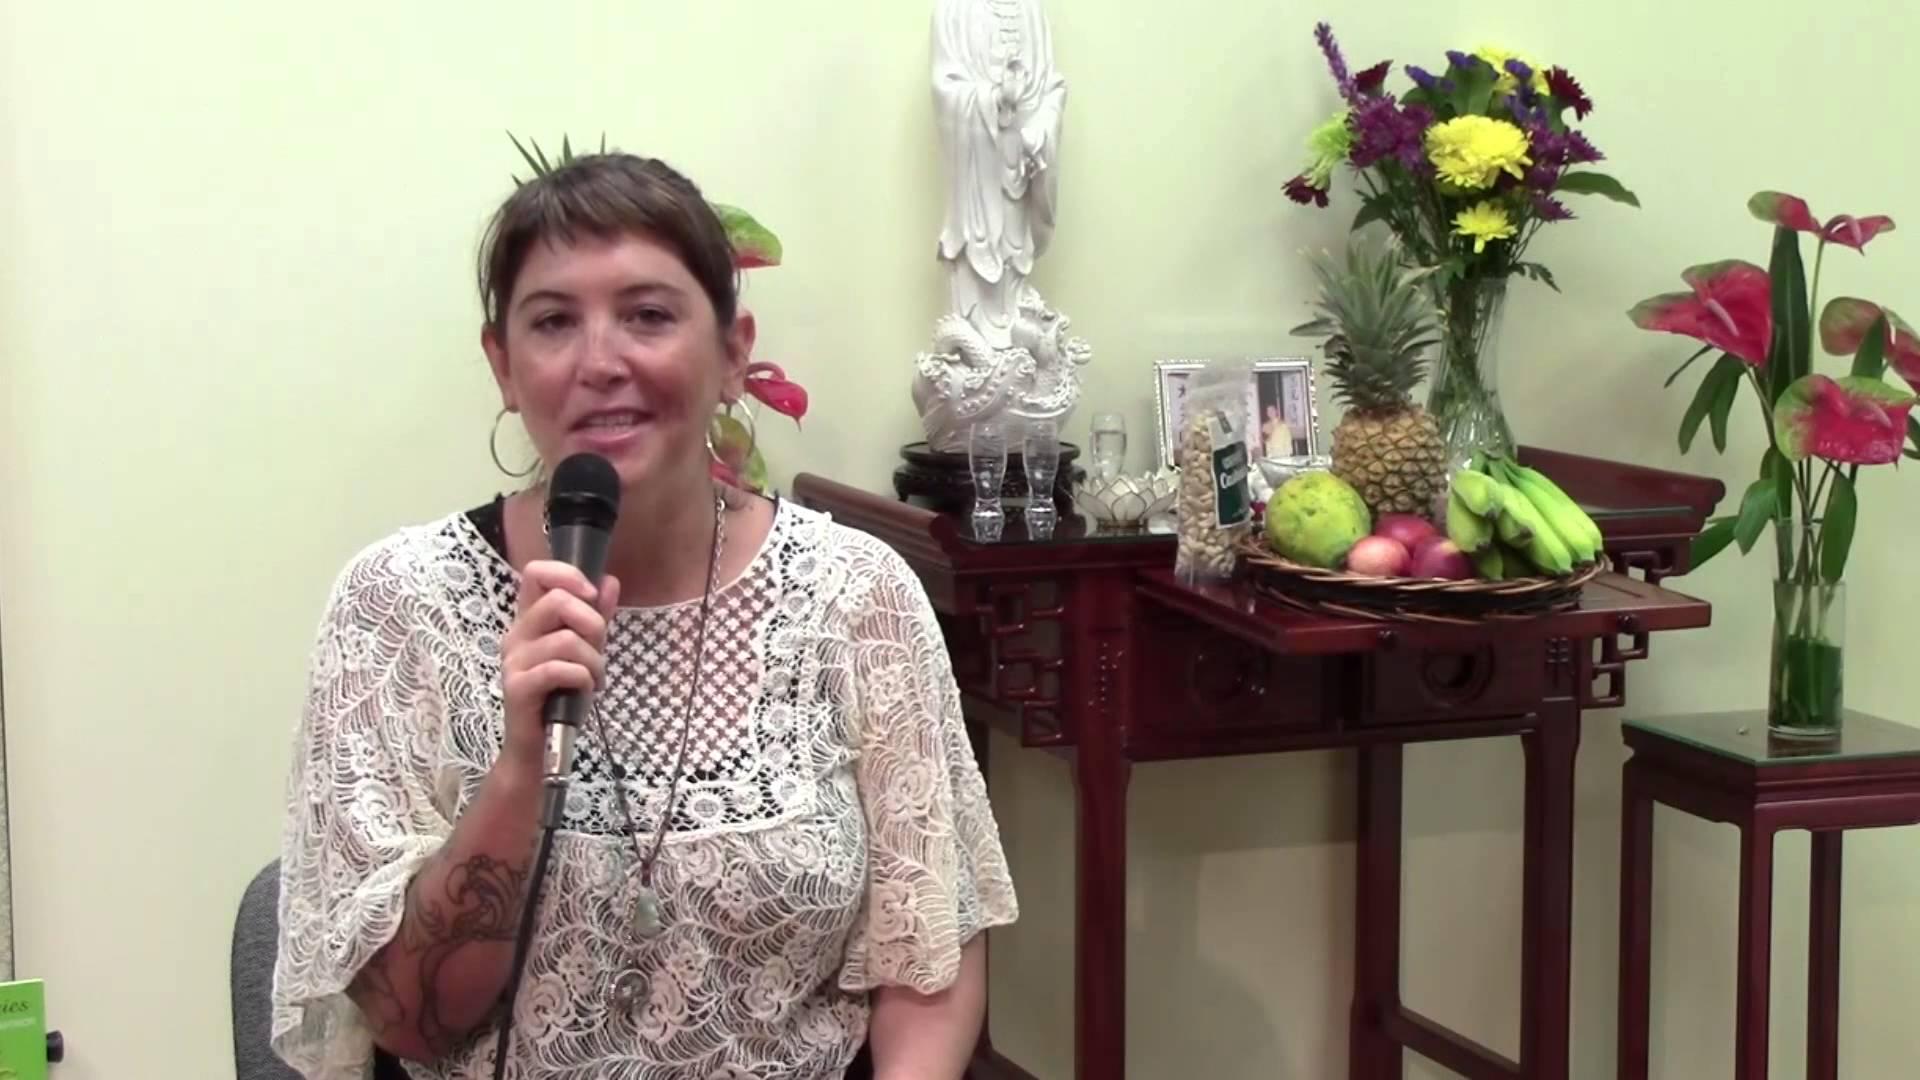 Student-shows-gratitude-for-Master-Ximenas-Soul-Healing-Business-wisdom